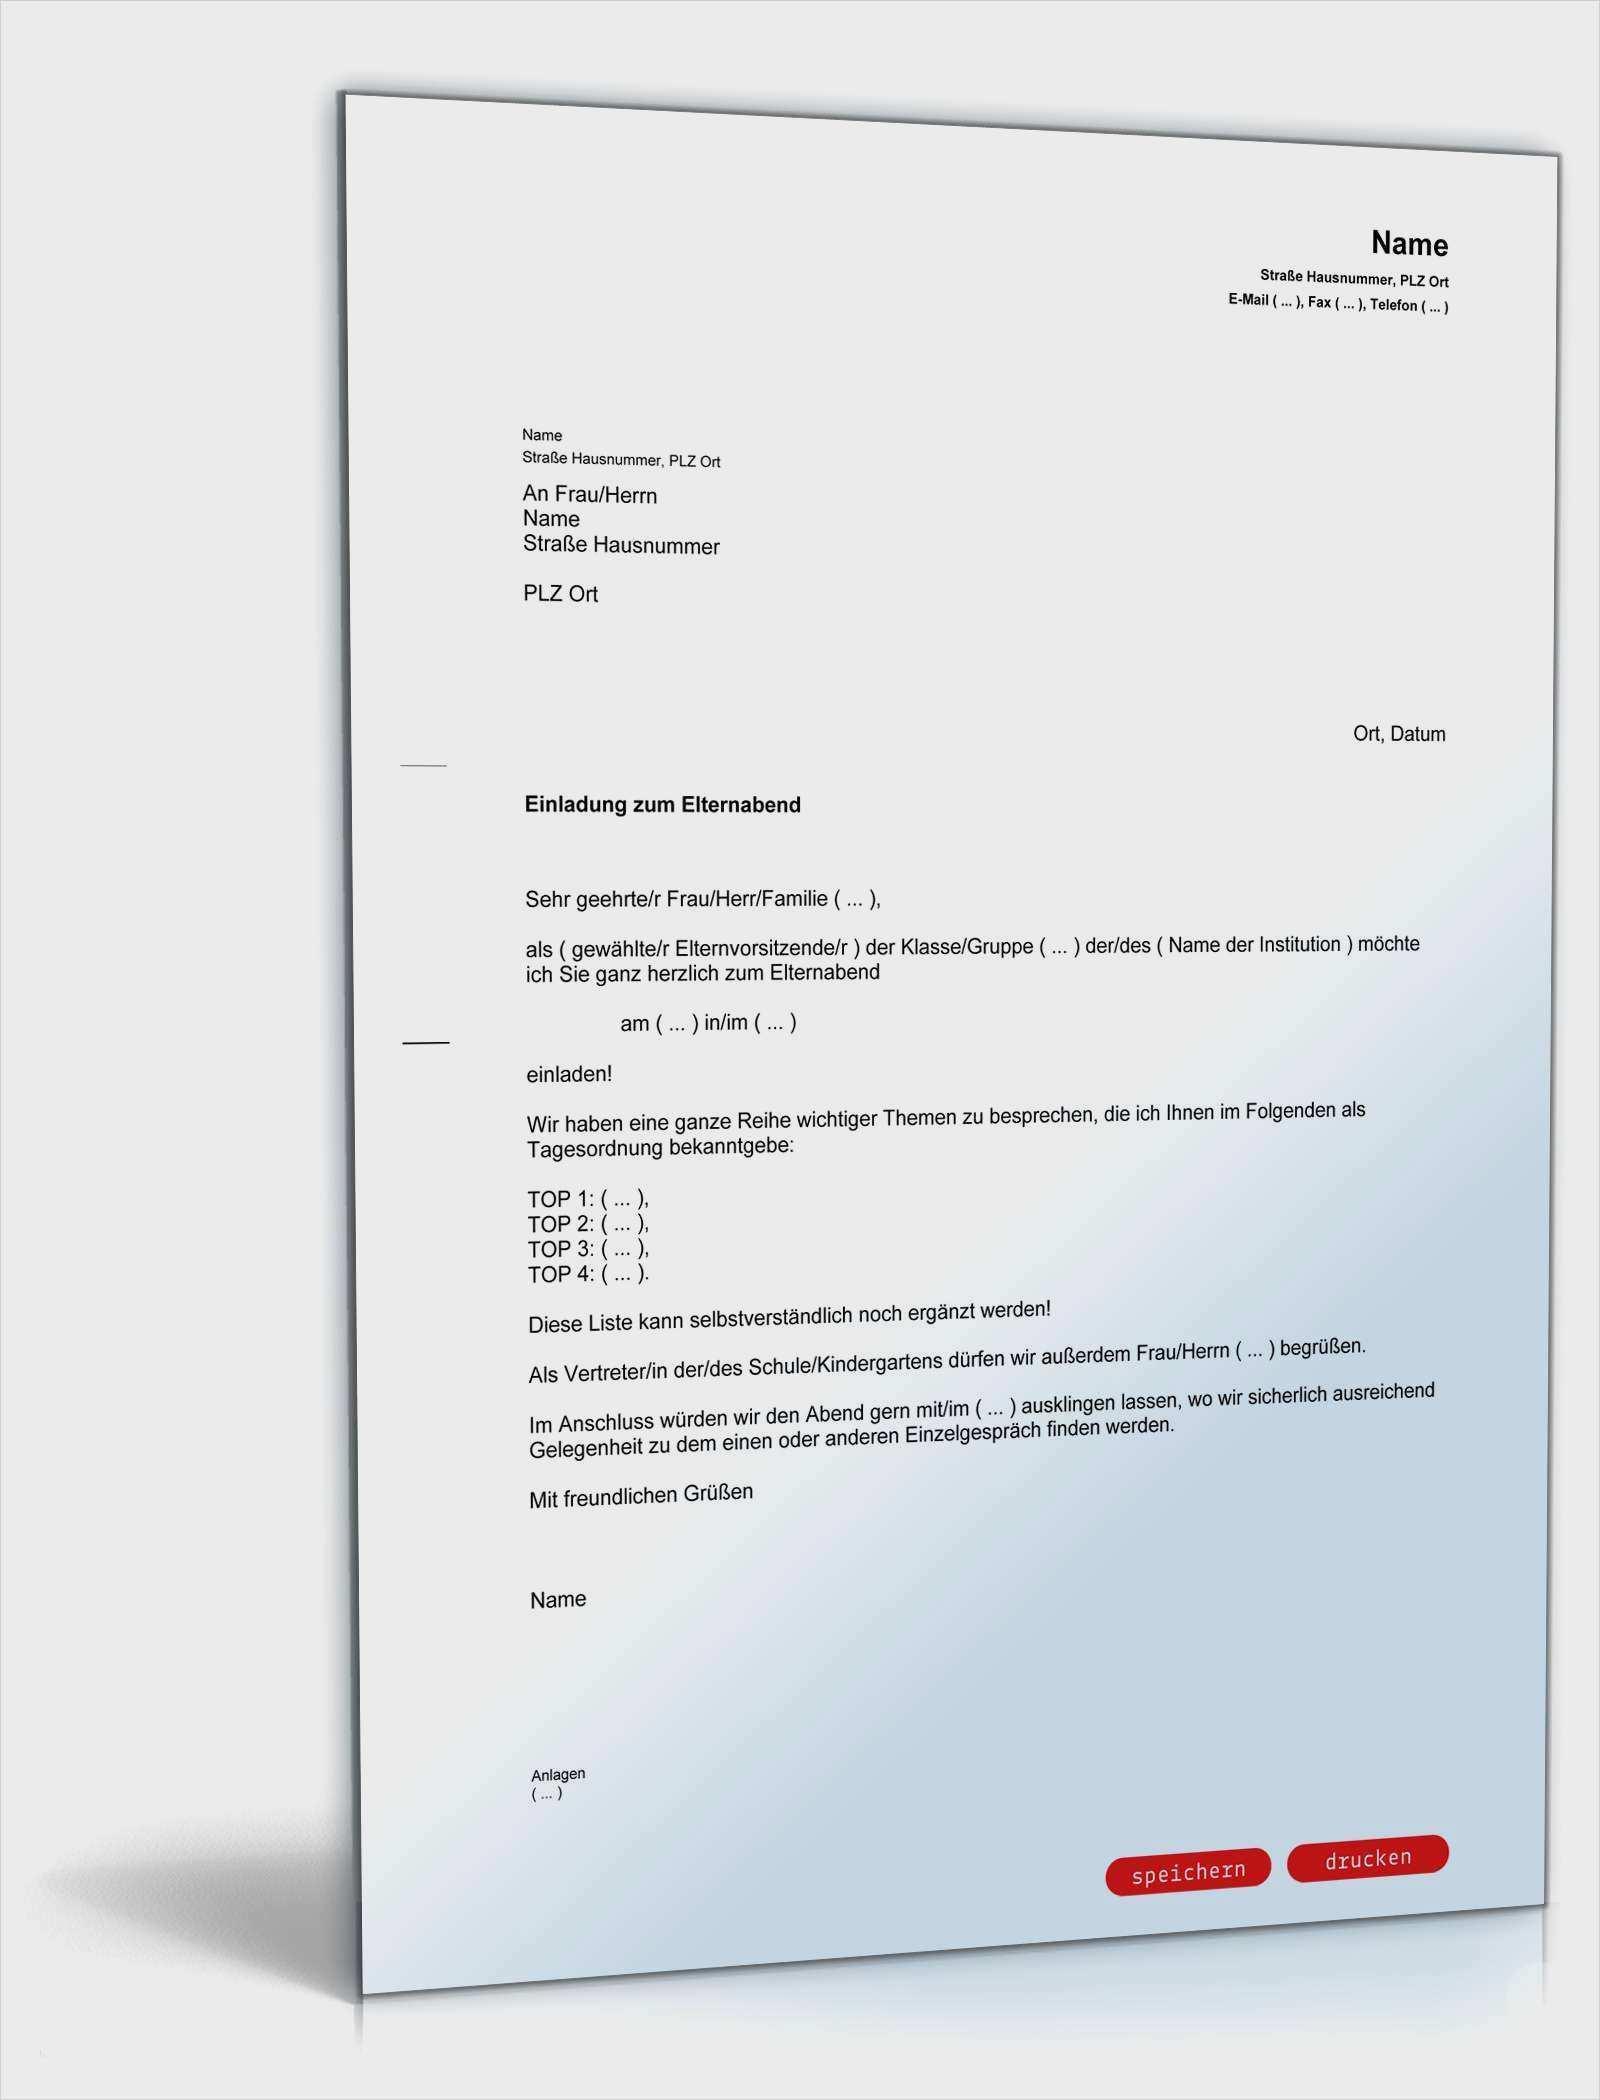 Schonste Elternabend Einladung Vorlage Ebendiese Konnen Einstellen In Ms Word Lebenslauf Briefkopf Vorlage Vorlagen